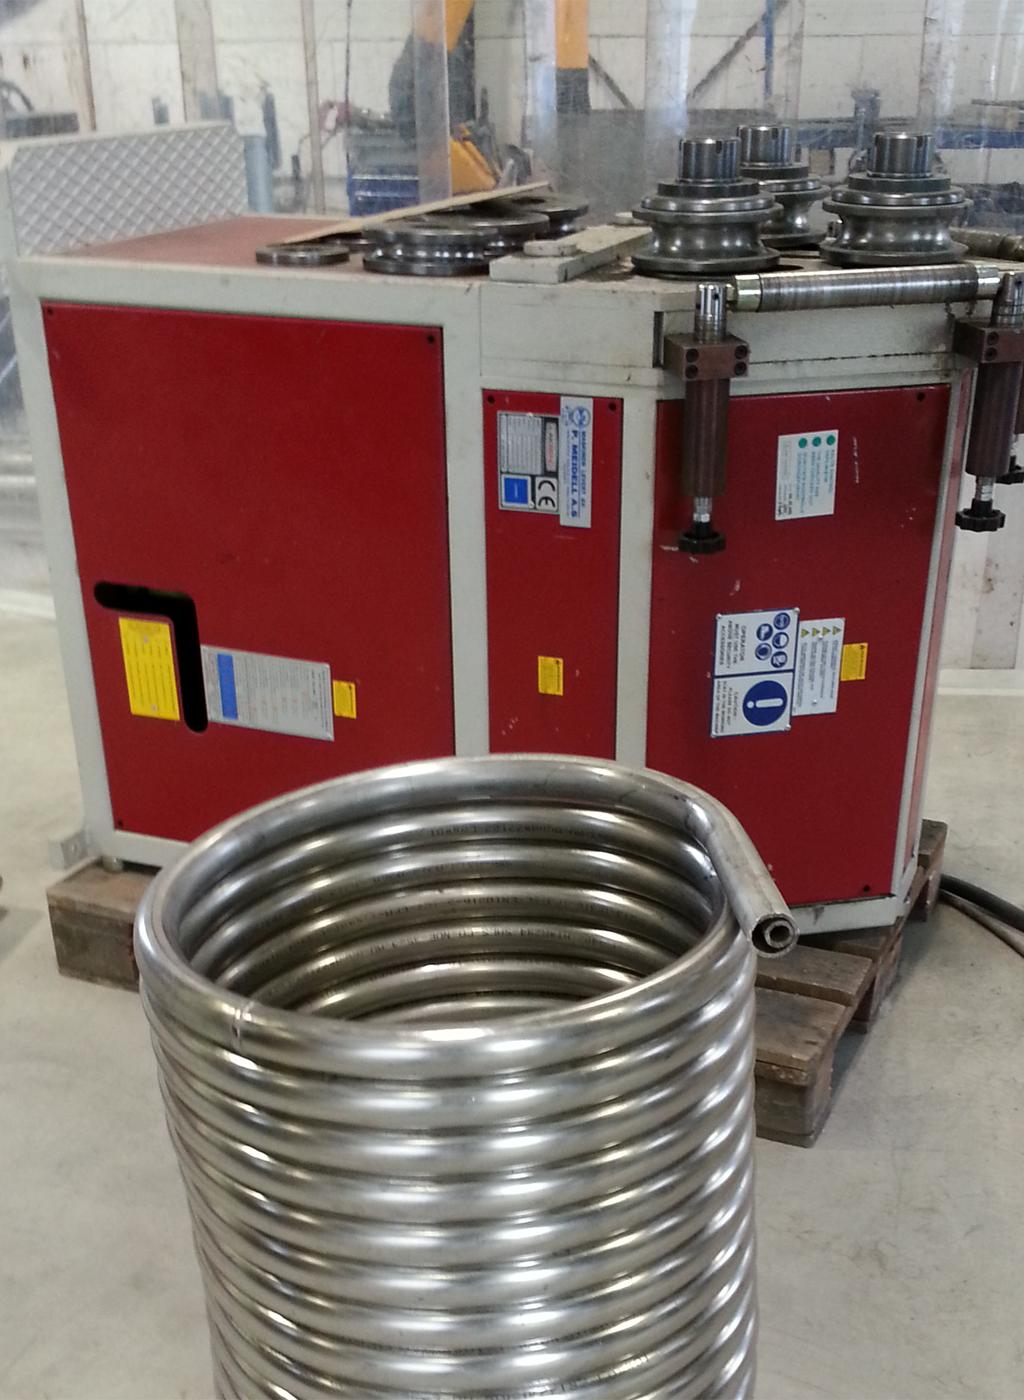 verktoy-pressure-metallteknikk-2